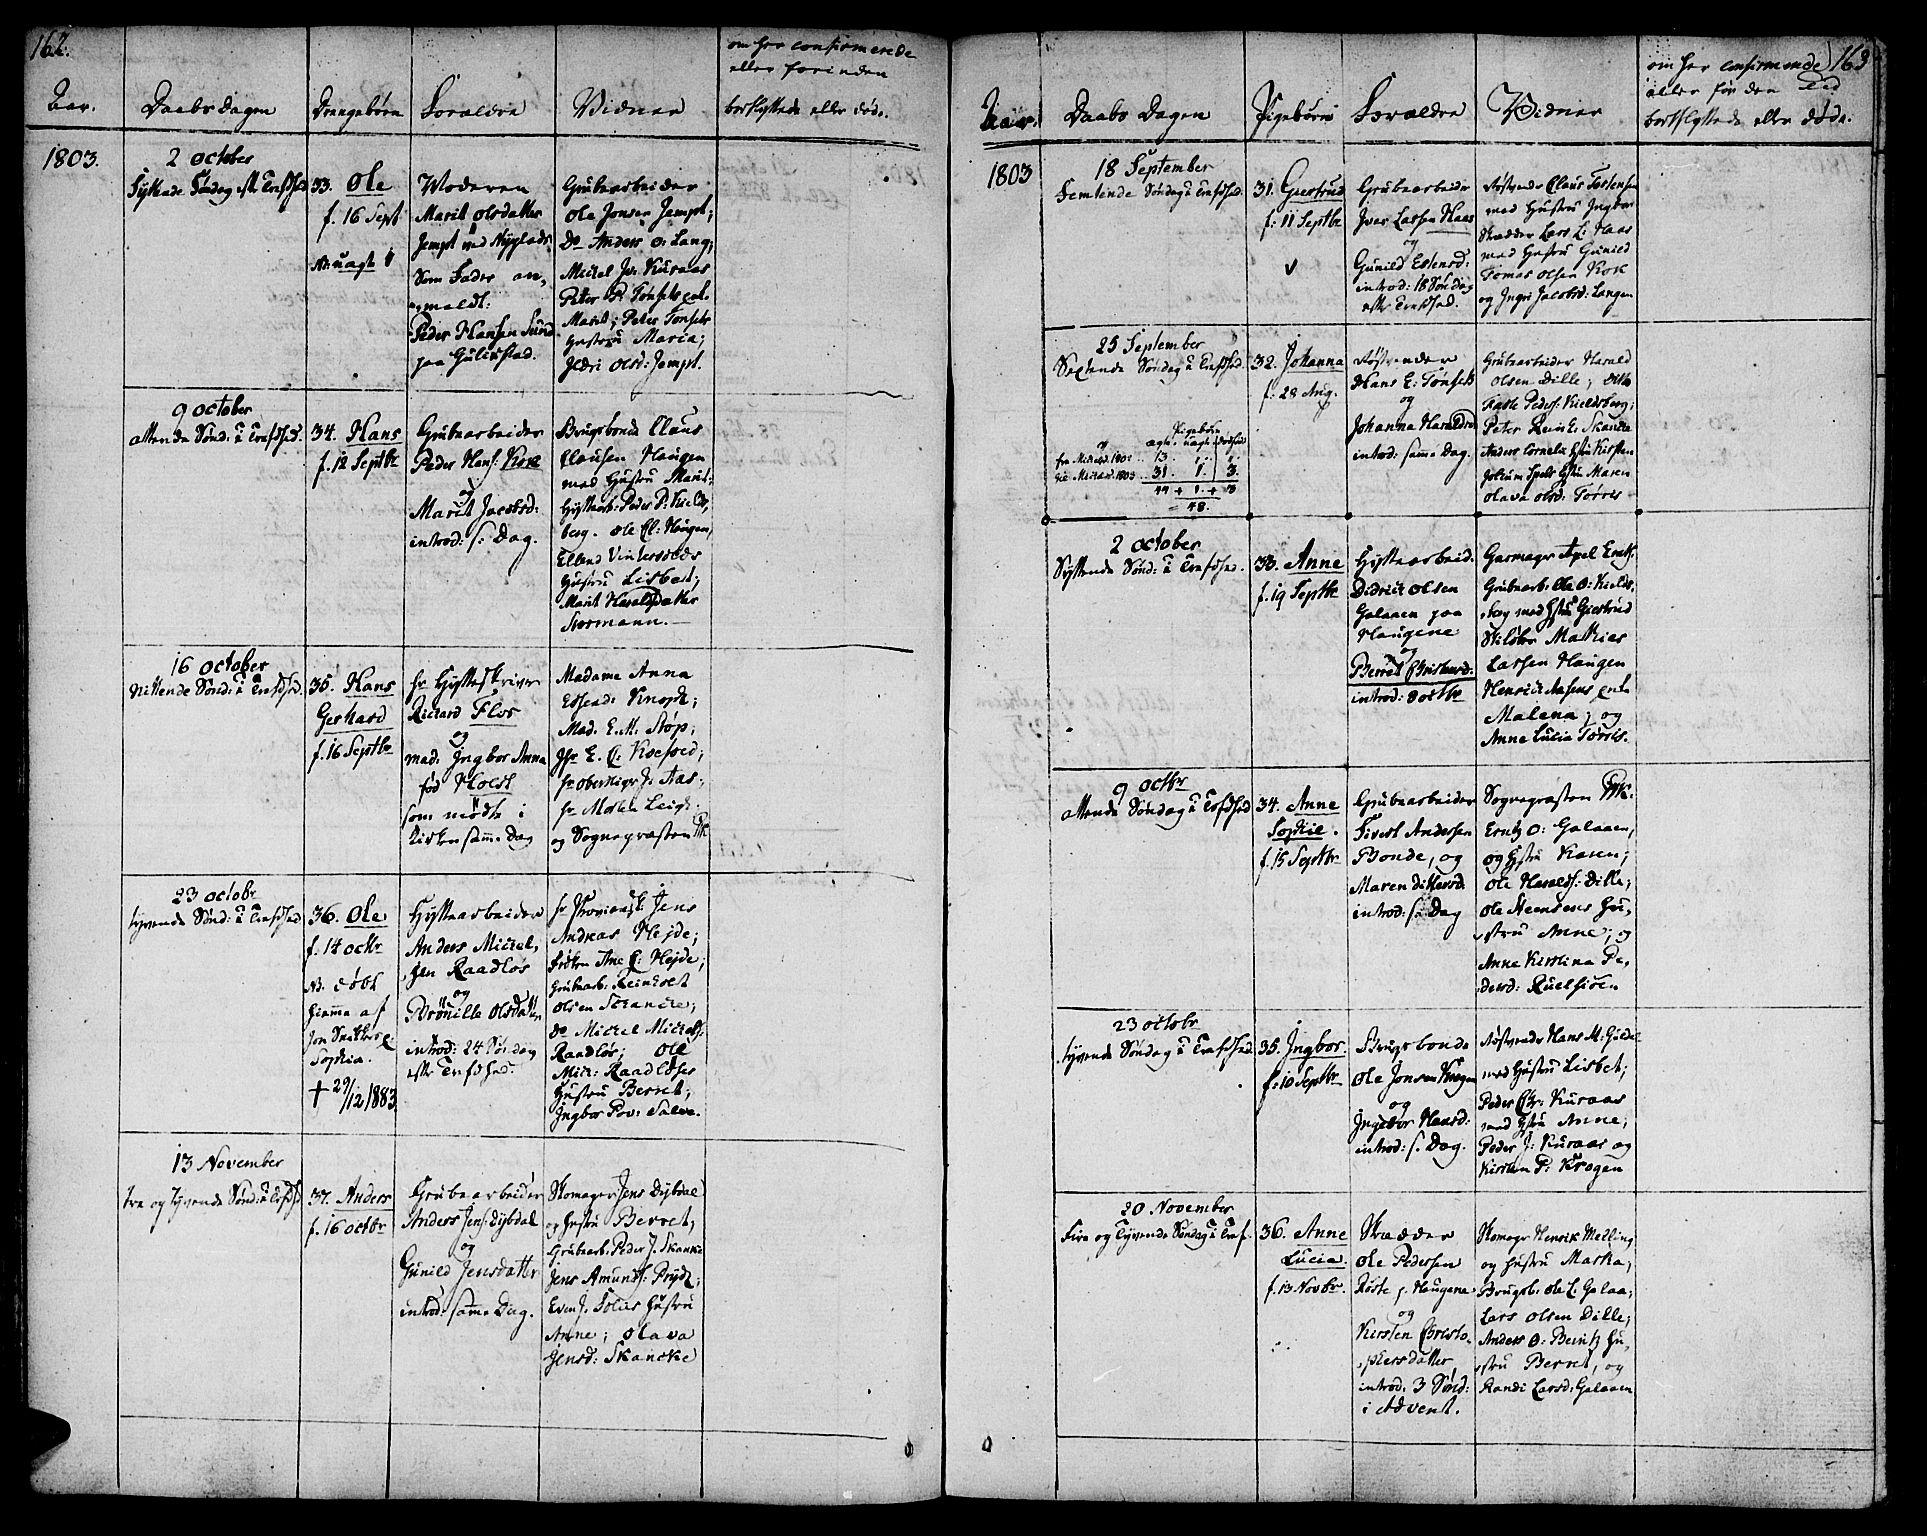 SAT, Ministerialprotokoller, klokkerbøker og fødselsregistre - Sør-Trøndelag, 681/L0927: Ministerialbok nr. 681A05, 1798-1808, s. 162-163